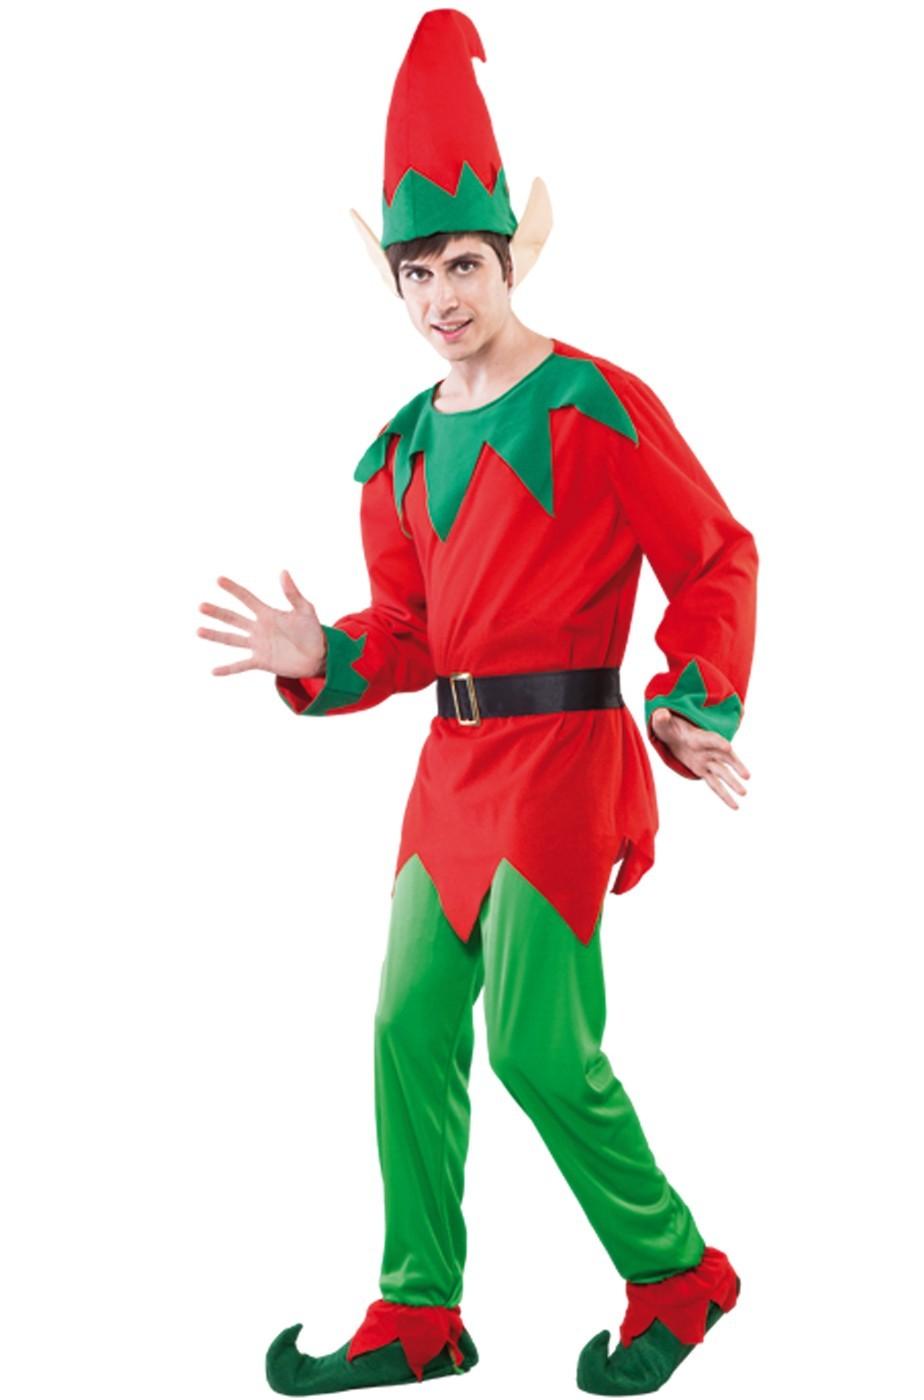 d73f8c5859b6 Costume Elfo o folletto di Babbo Natale adulto rosso e verde COMPLETO